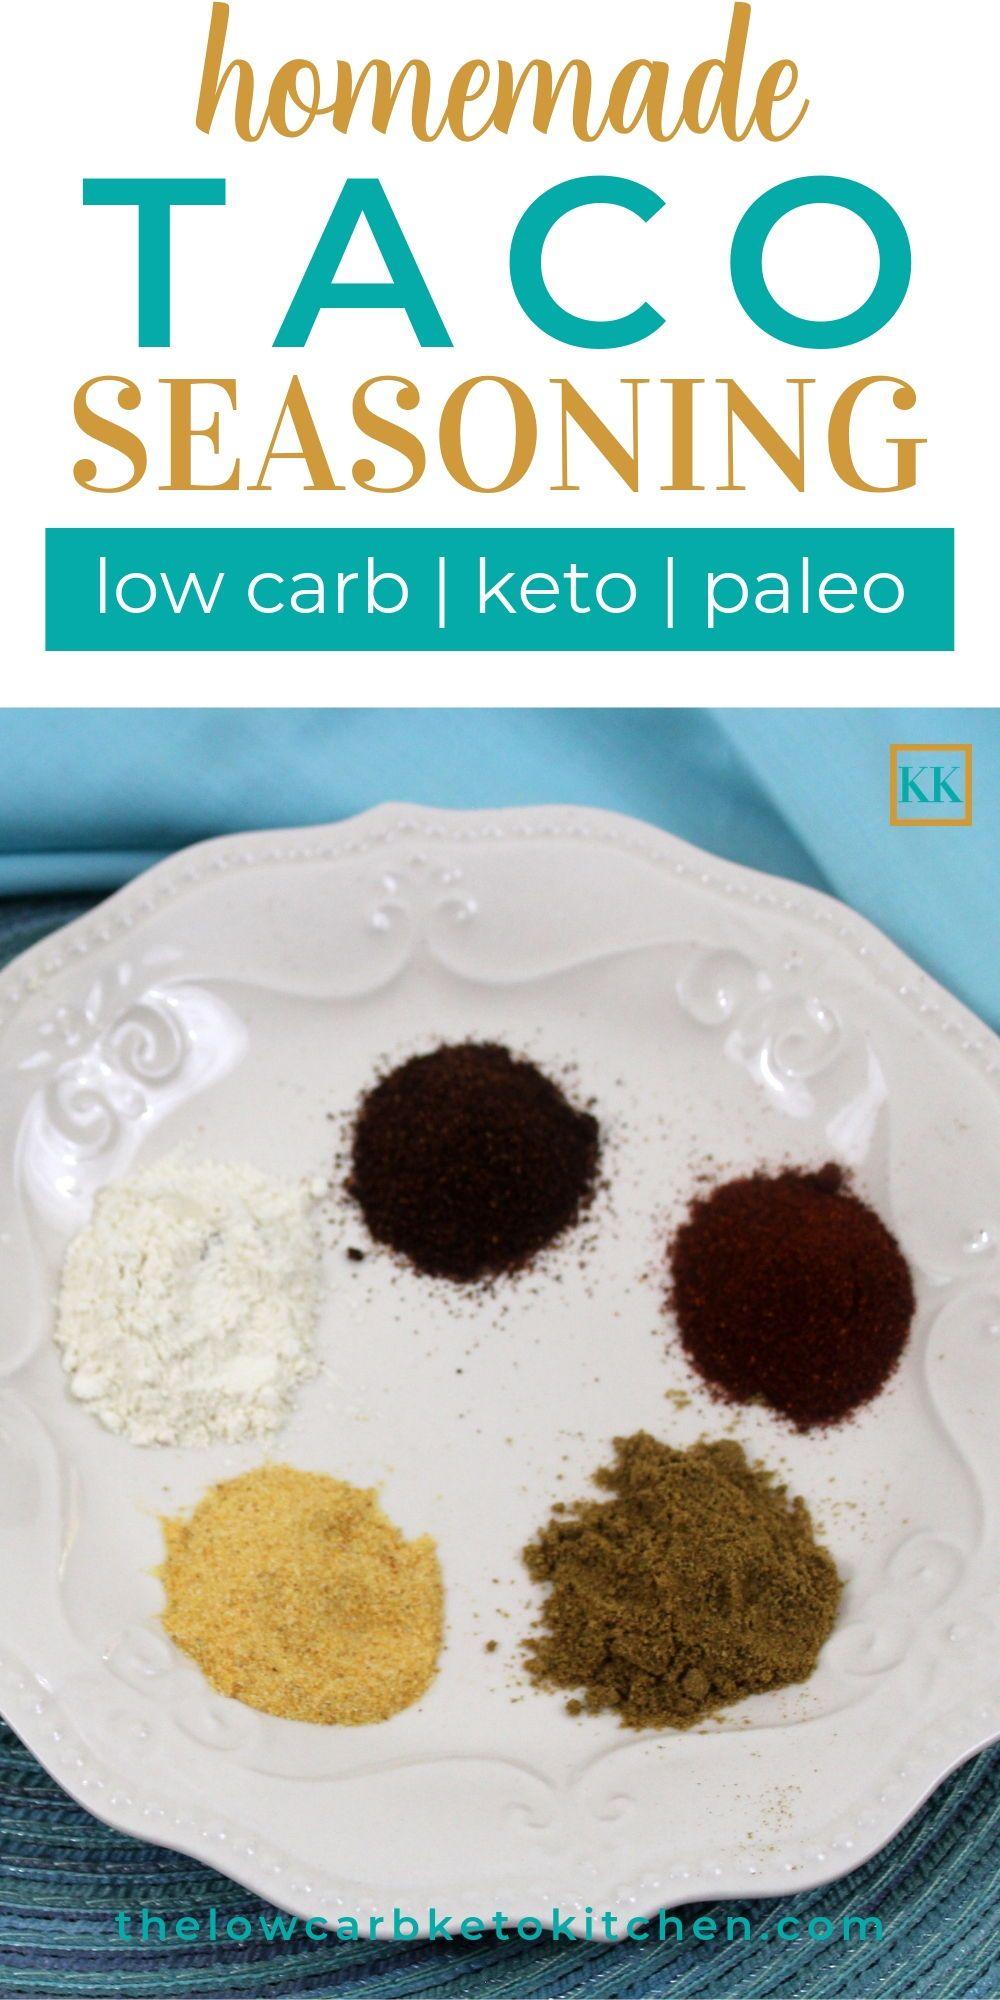 Keto friendly taco seasoning mix recipe keto taco